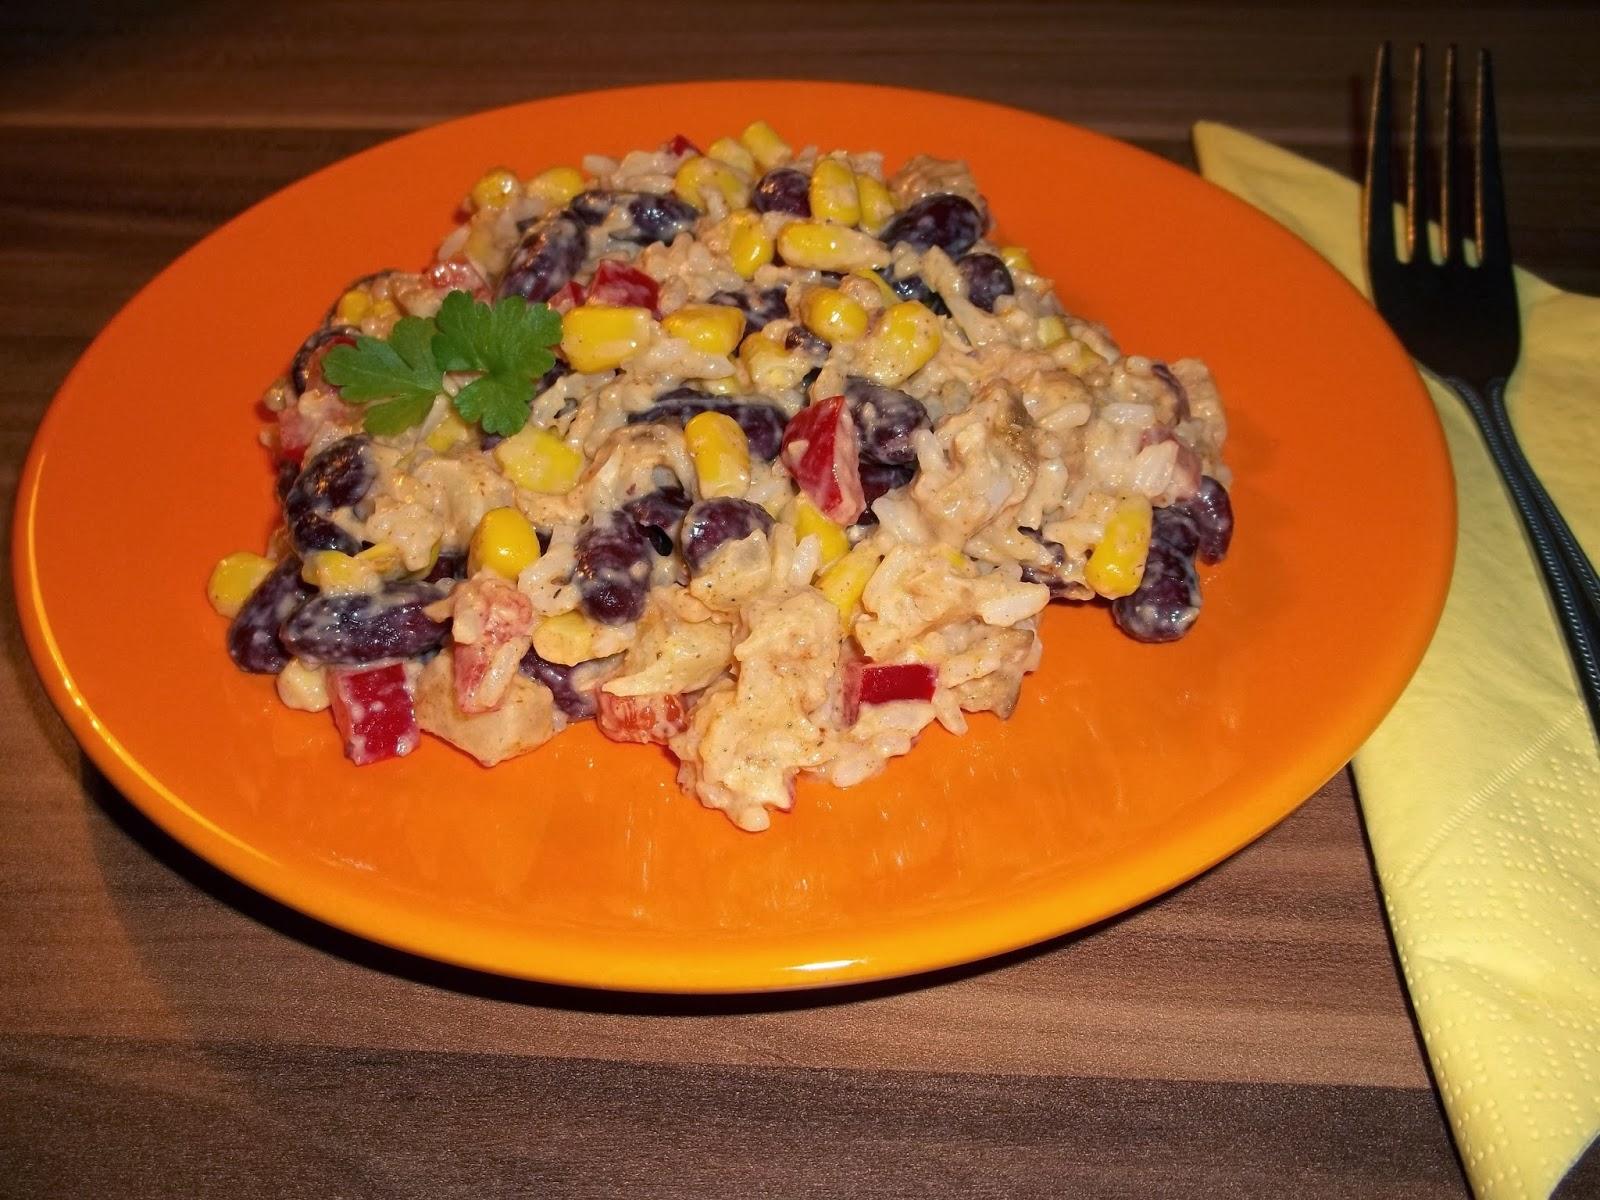 Salatkowy Raj Salatka Meksykanska Z Kurczakiem Ananasem Fasola